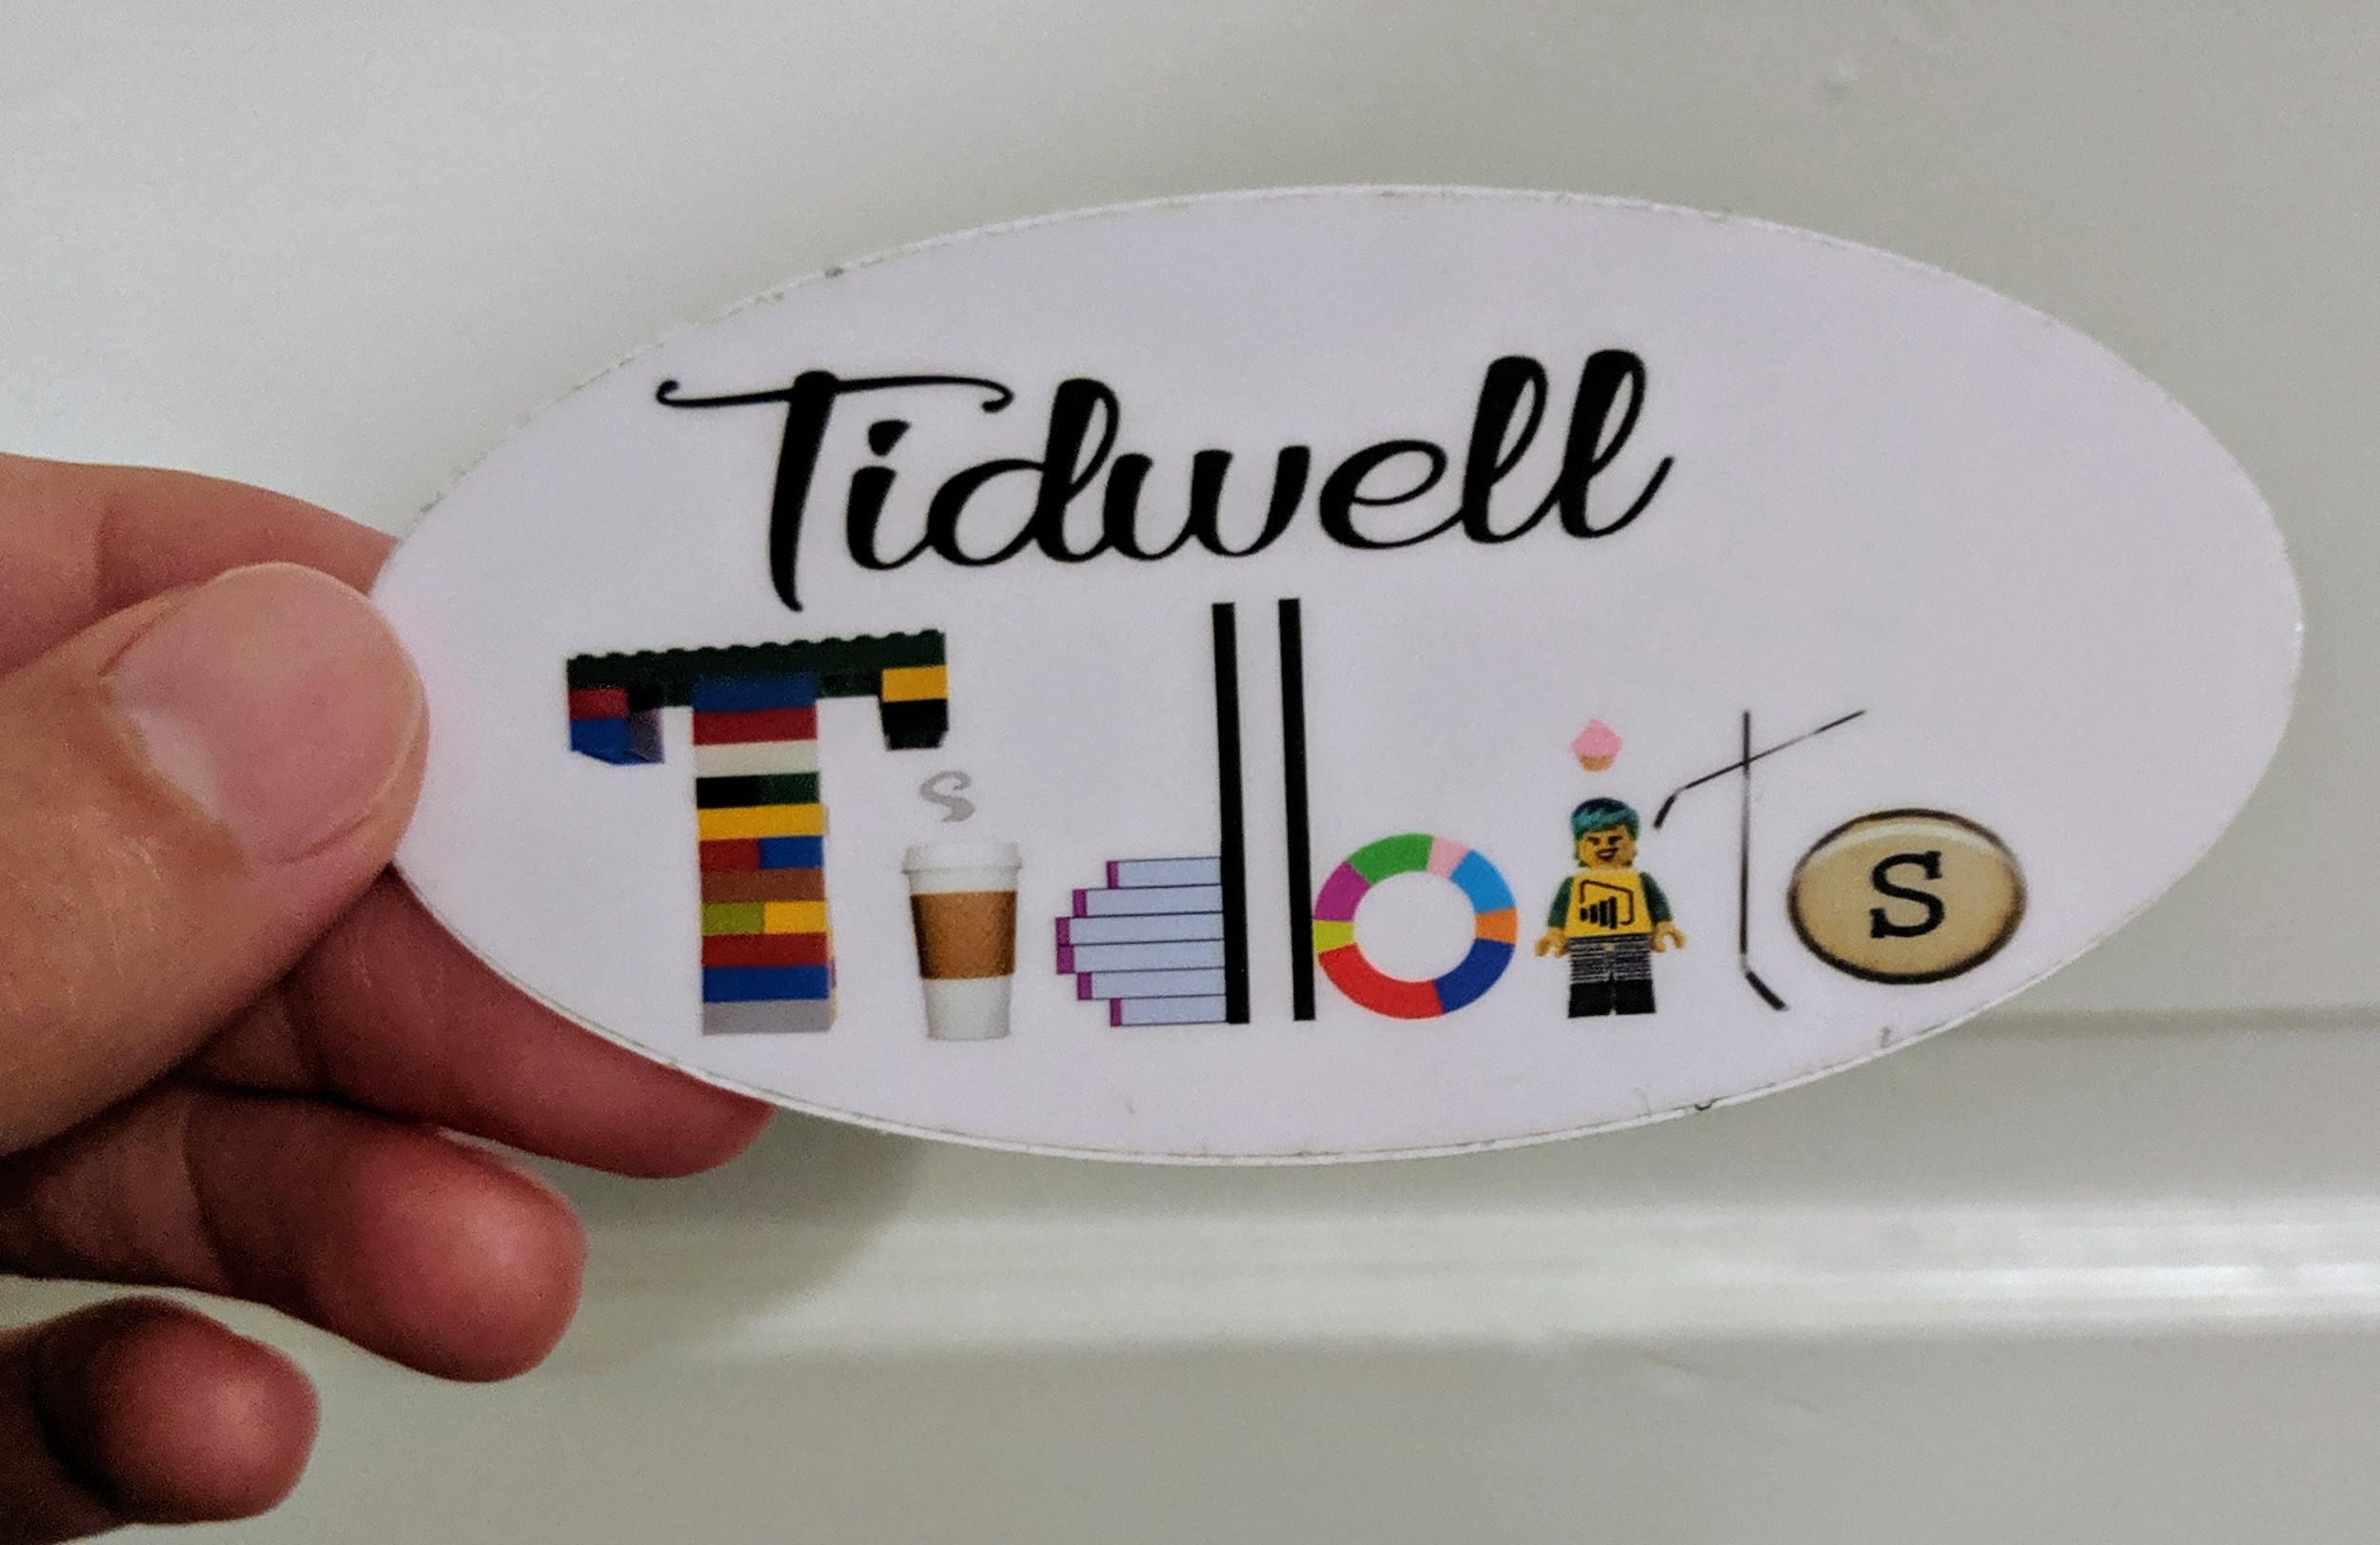 Photo of Tidwell's Tidbits sticker